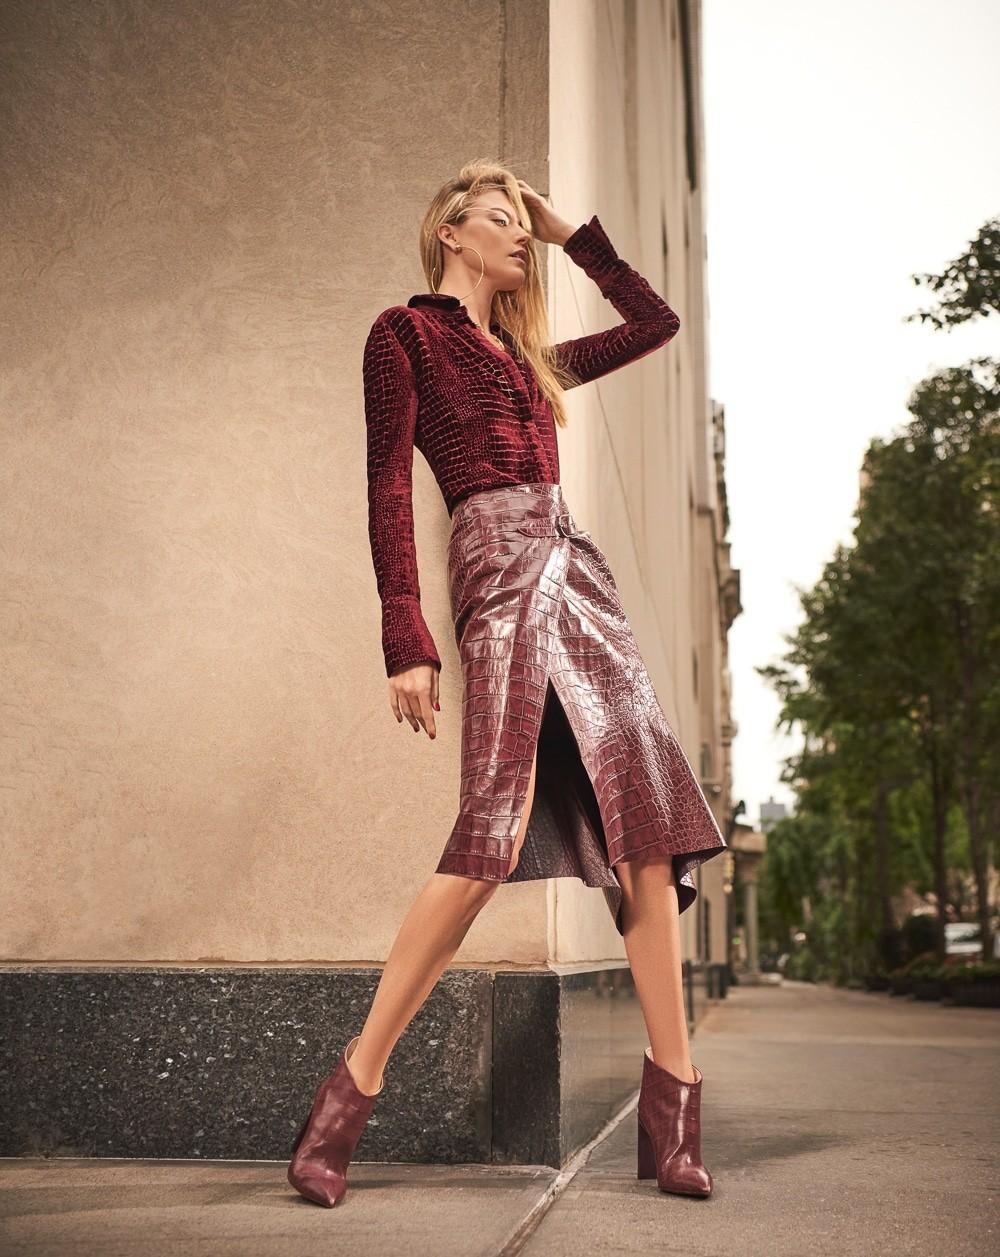 街头拍摄 哈萨克斯坦《Harper's Bazaar》11月刊 时尚图库 第5张